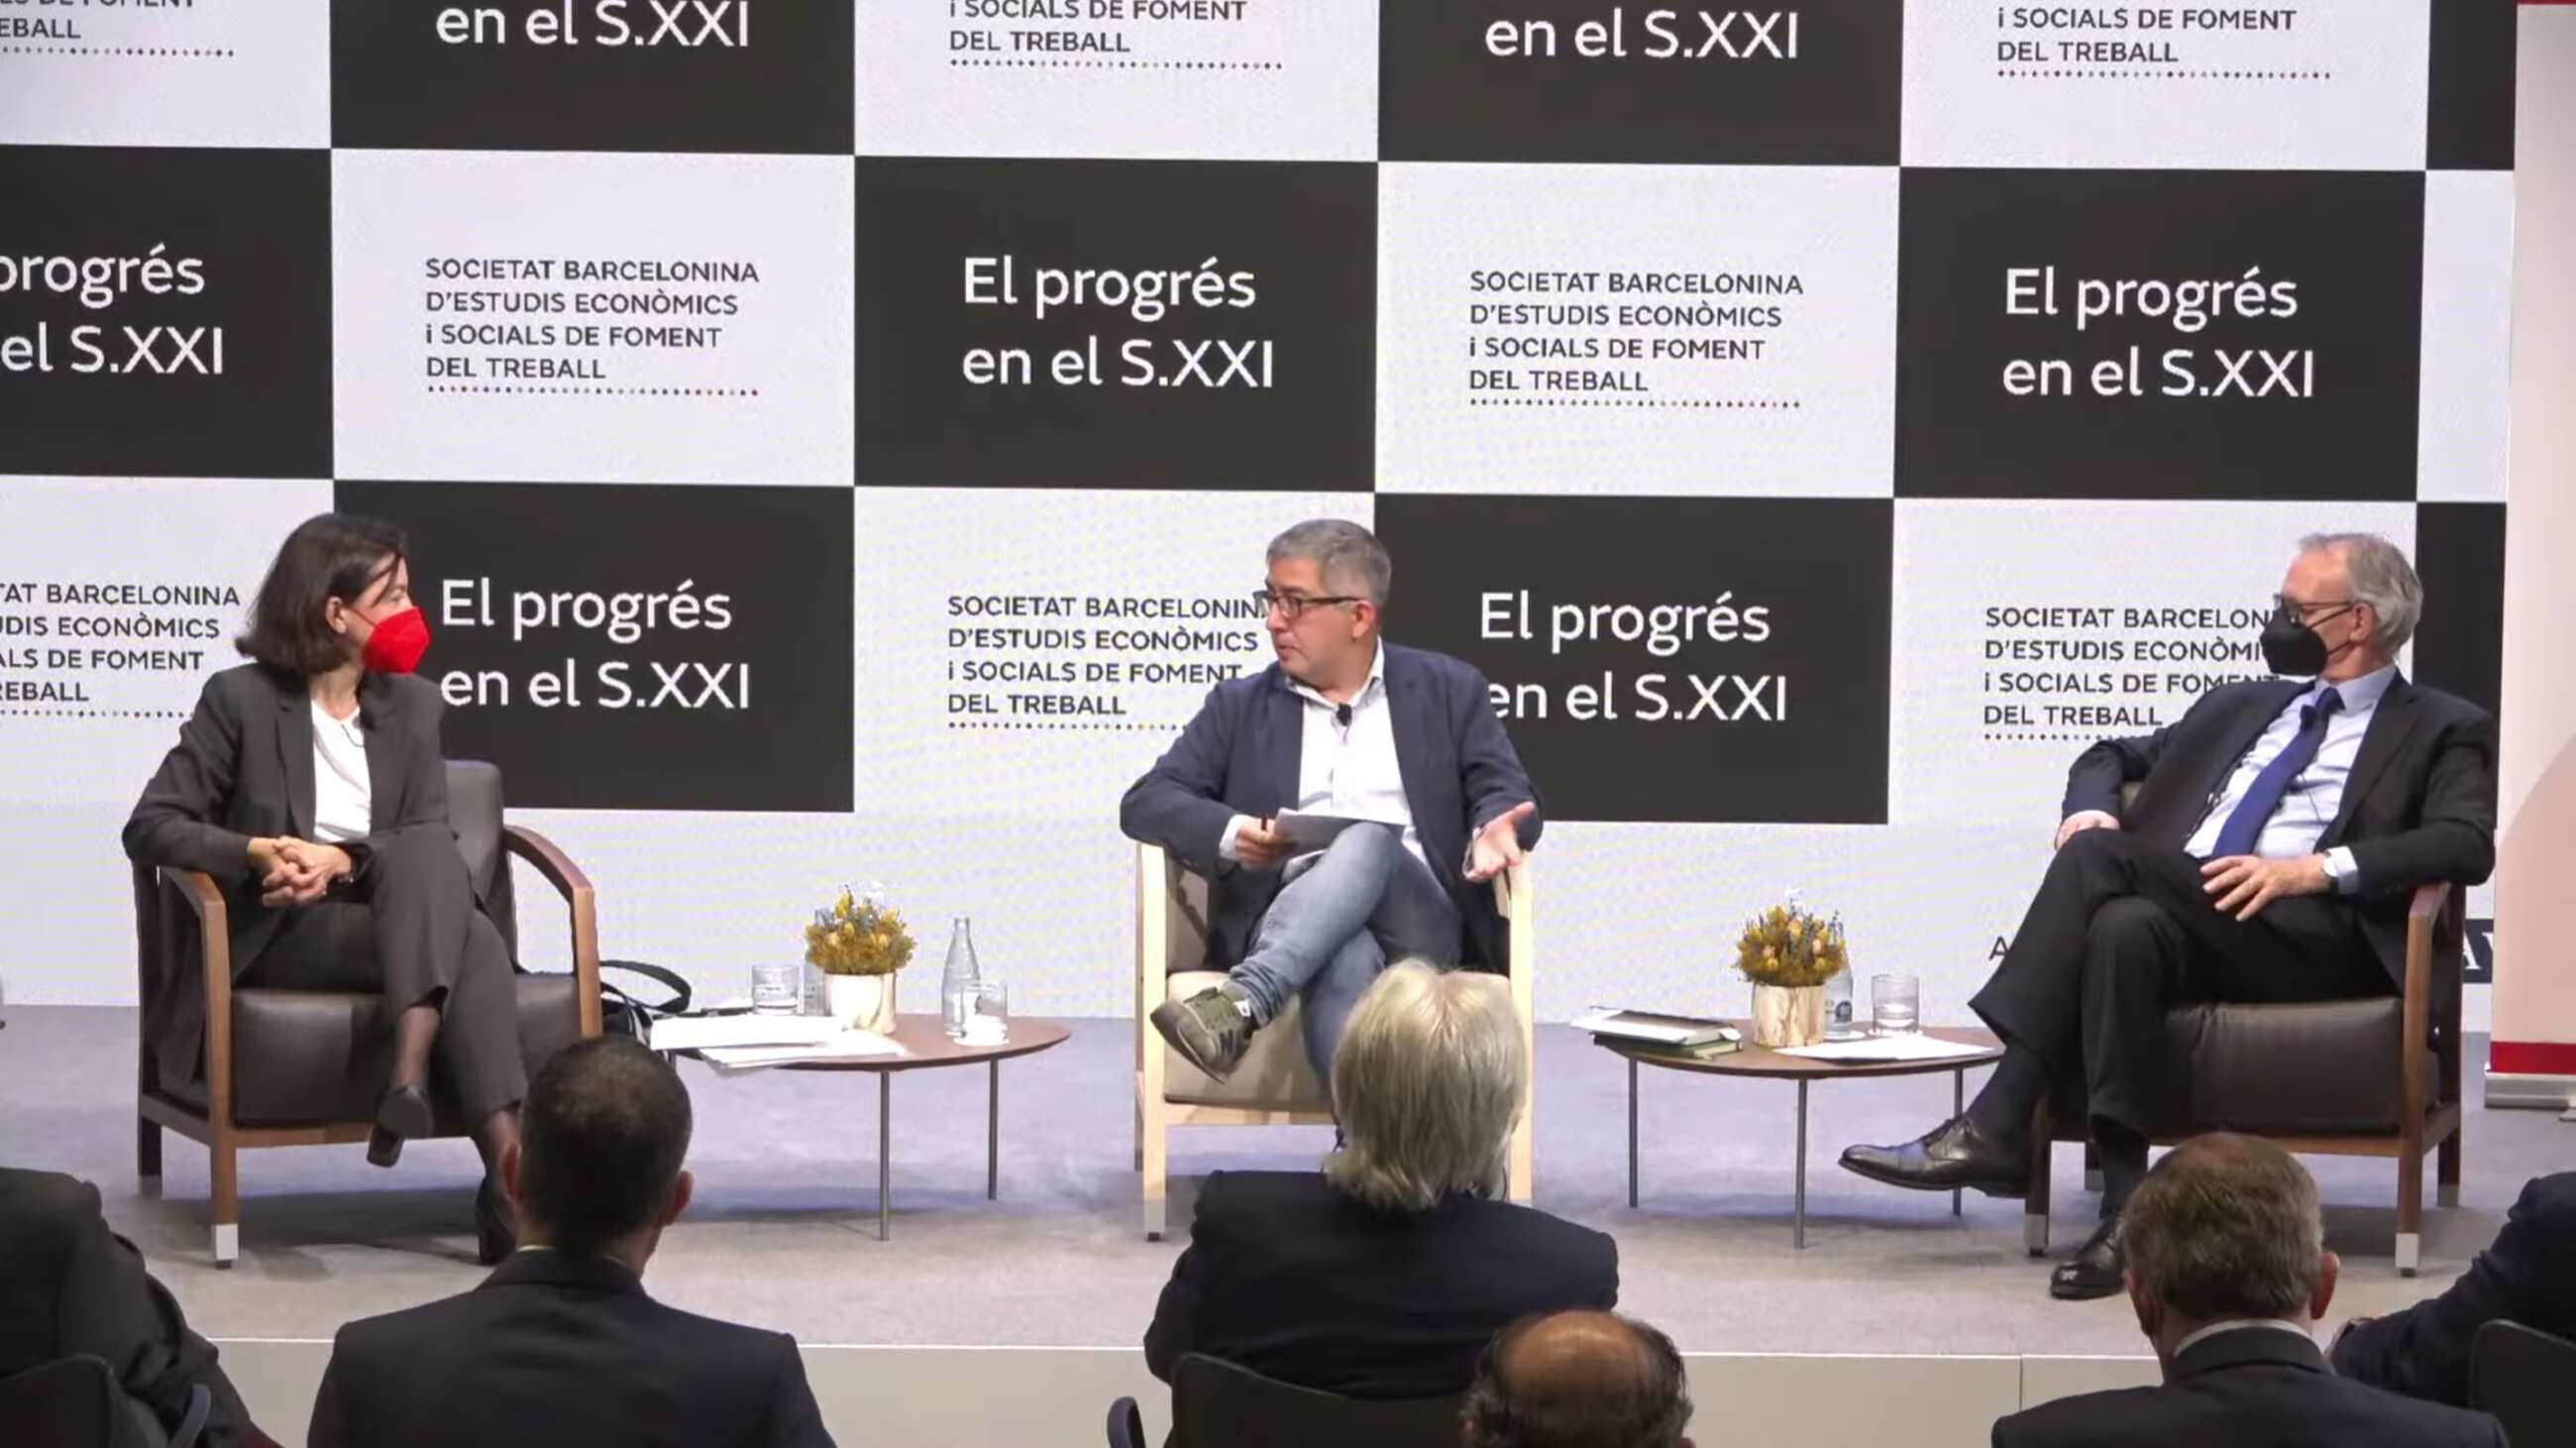 La vicepresidenta segunda del Parlament, Eva Granados (i), junto al periodista Jordi Amat (c) y al economista Anton Costas (d)